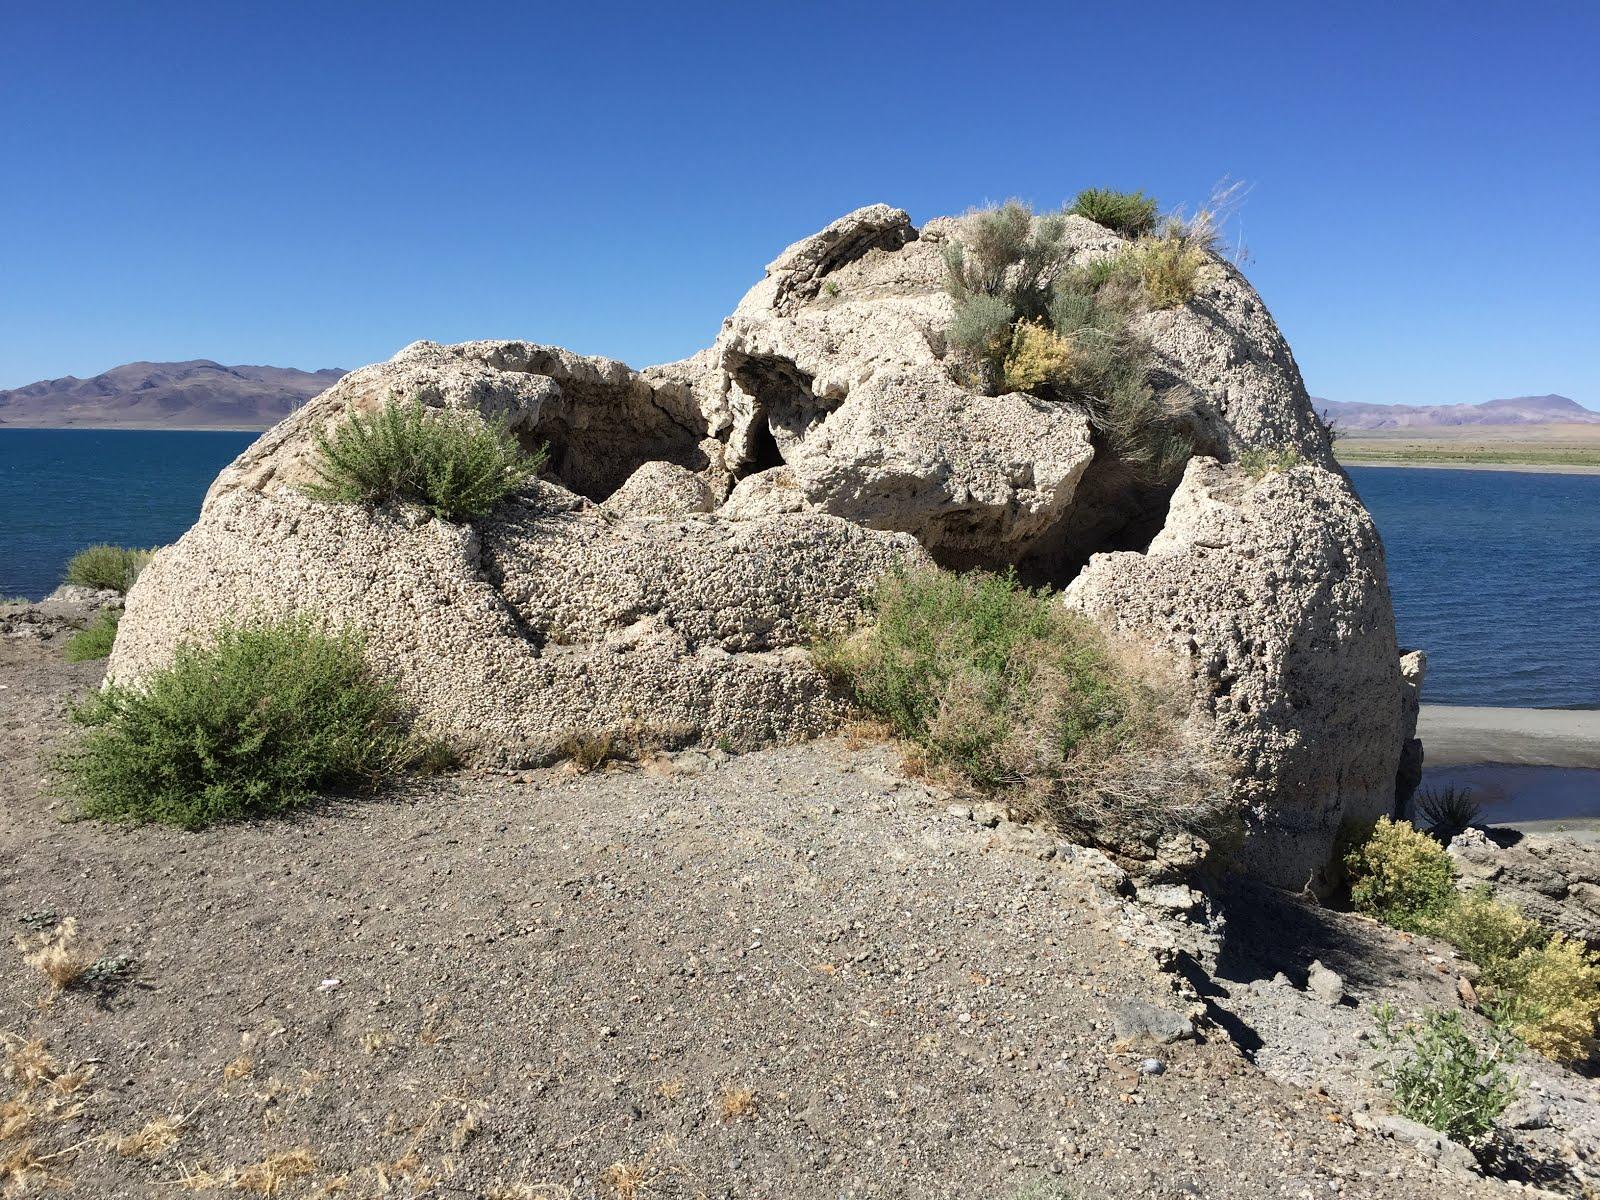 Popcorn Rock tufa